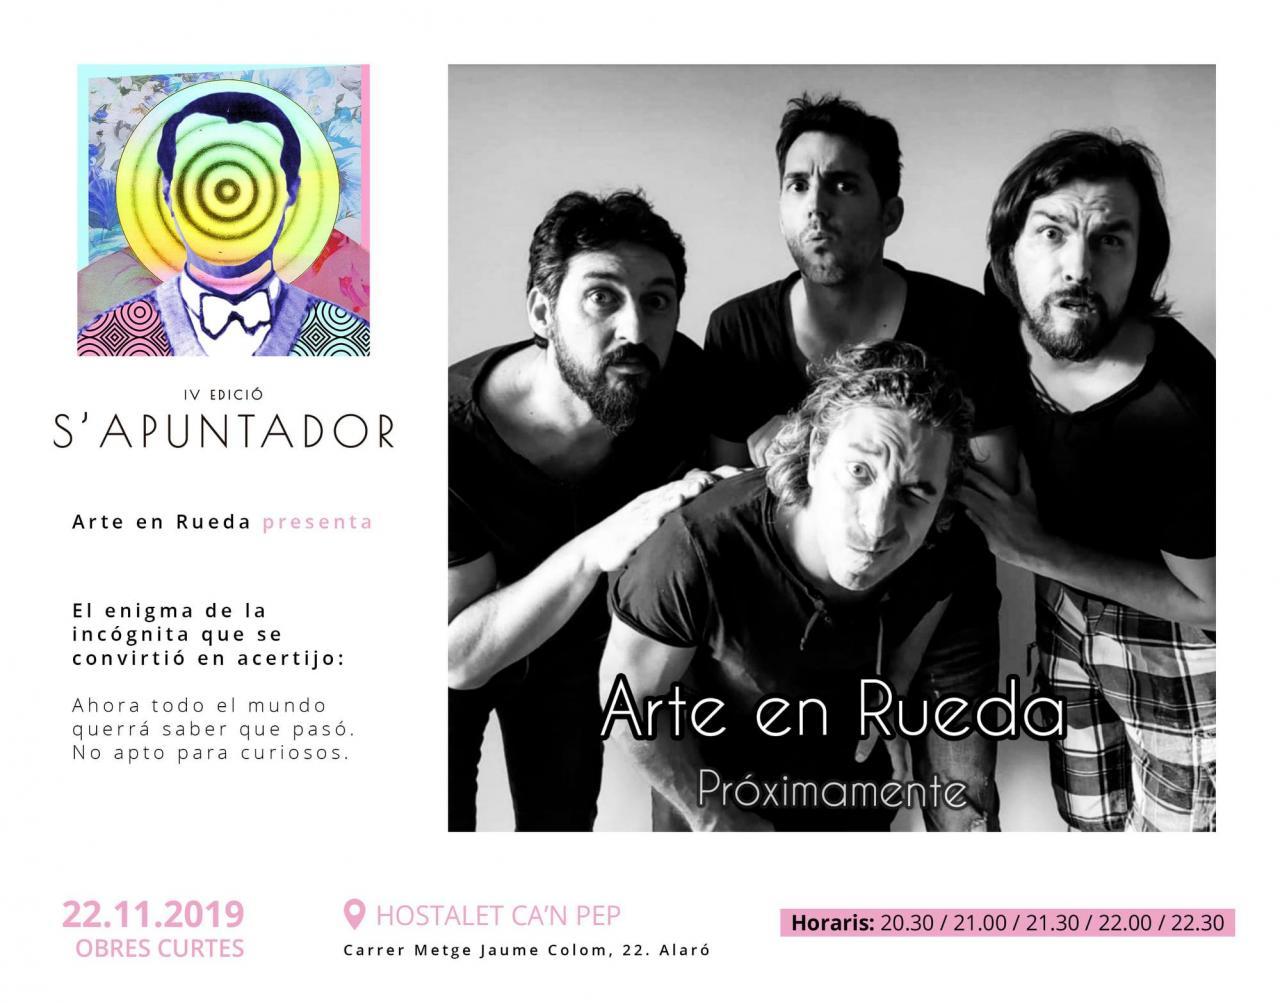 S'Apuntador 2019 - Arte en Rueda